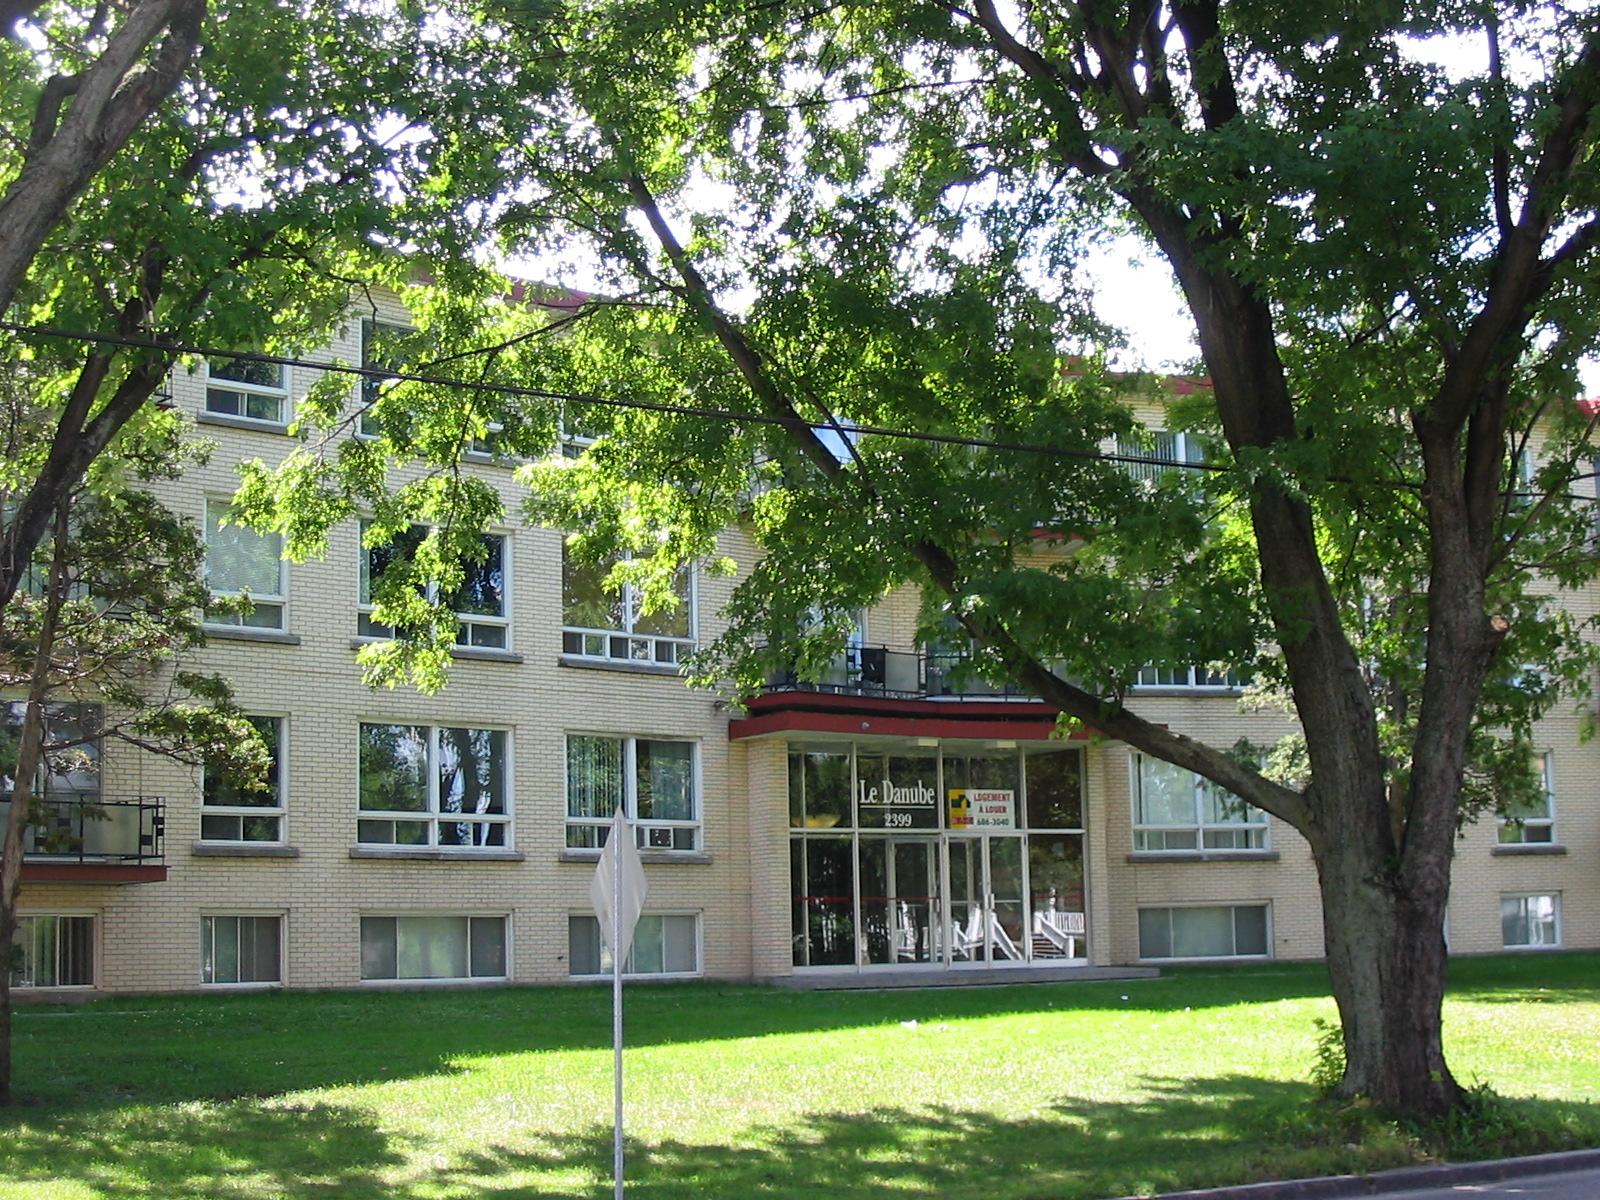 2399, Chemin Ste-Foy #4, Québec G1V 1T1